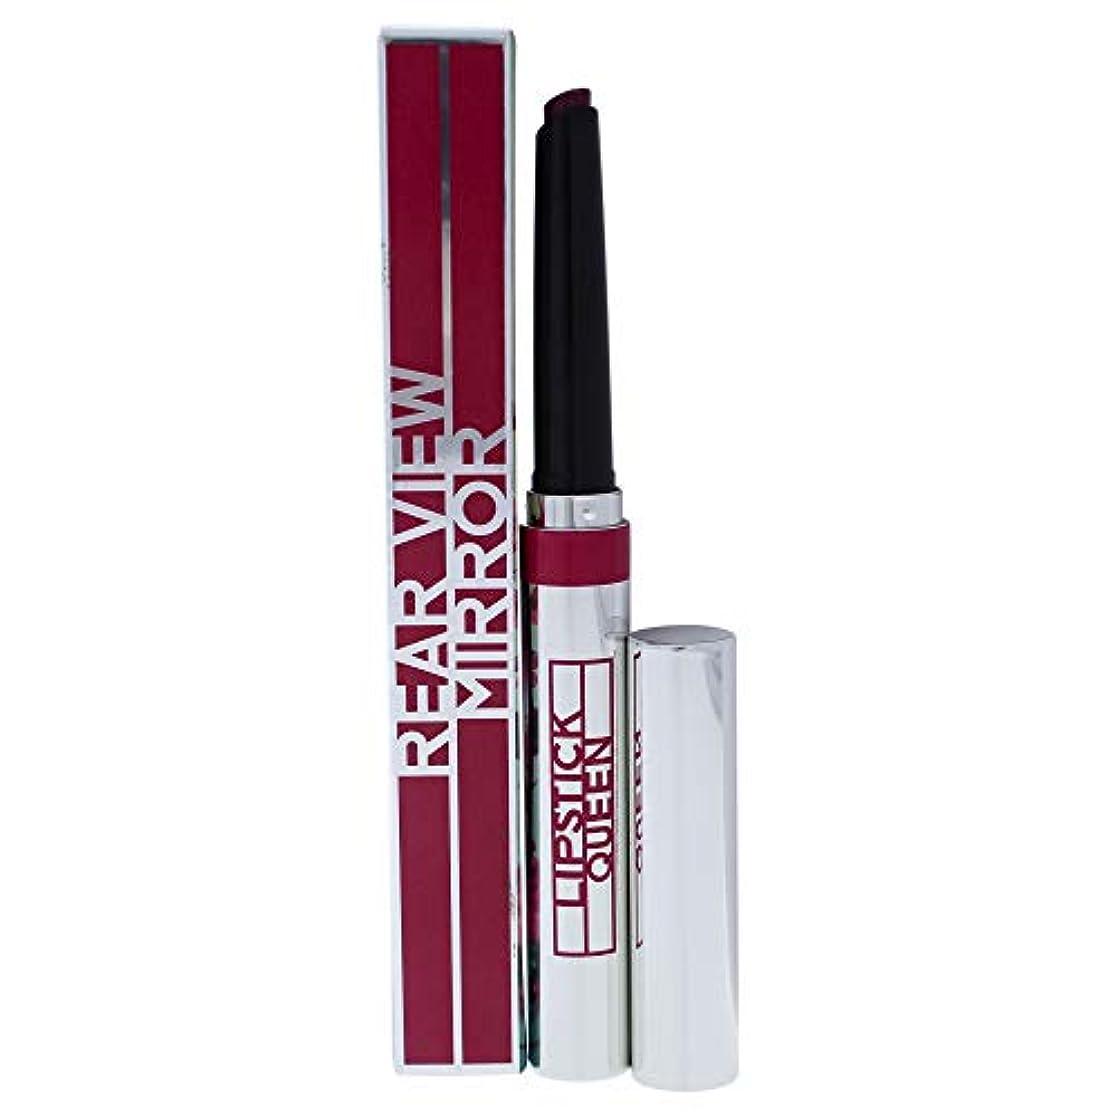 お酒肺炎遠足リップスティック クィーン Rear View Mirror Lip Lacquer - # Berry Tacoma (A Bright Raspberry) 1.3g/0.04oz並行輸入品